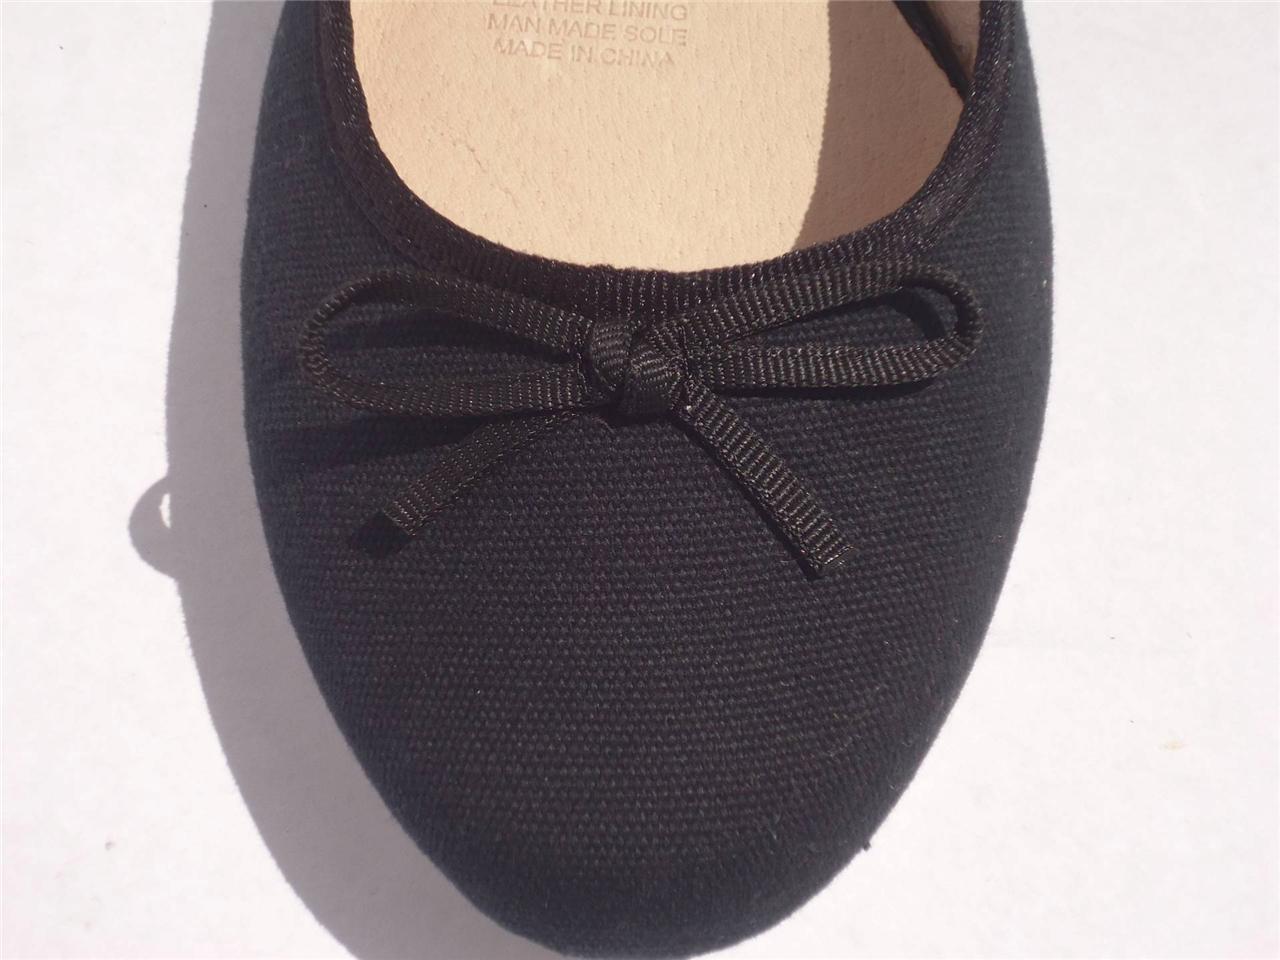 New-Women-Ladies-Diana-Ferrari-Canvas-Shoe-Work-Flat-Black-Size-6-7-8-9-10-11